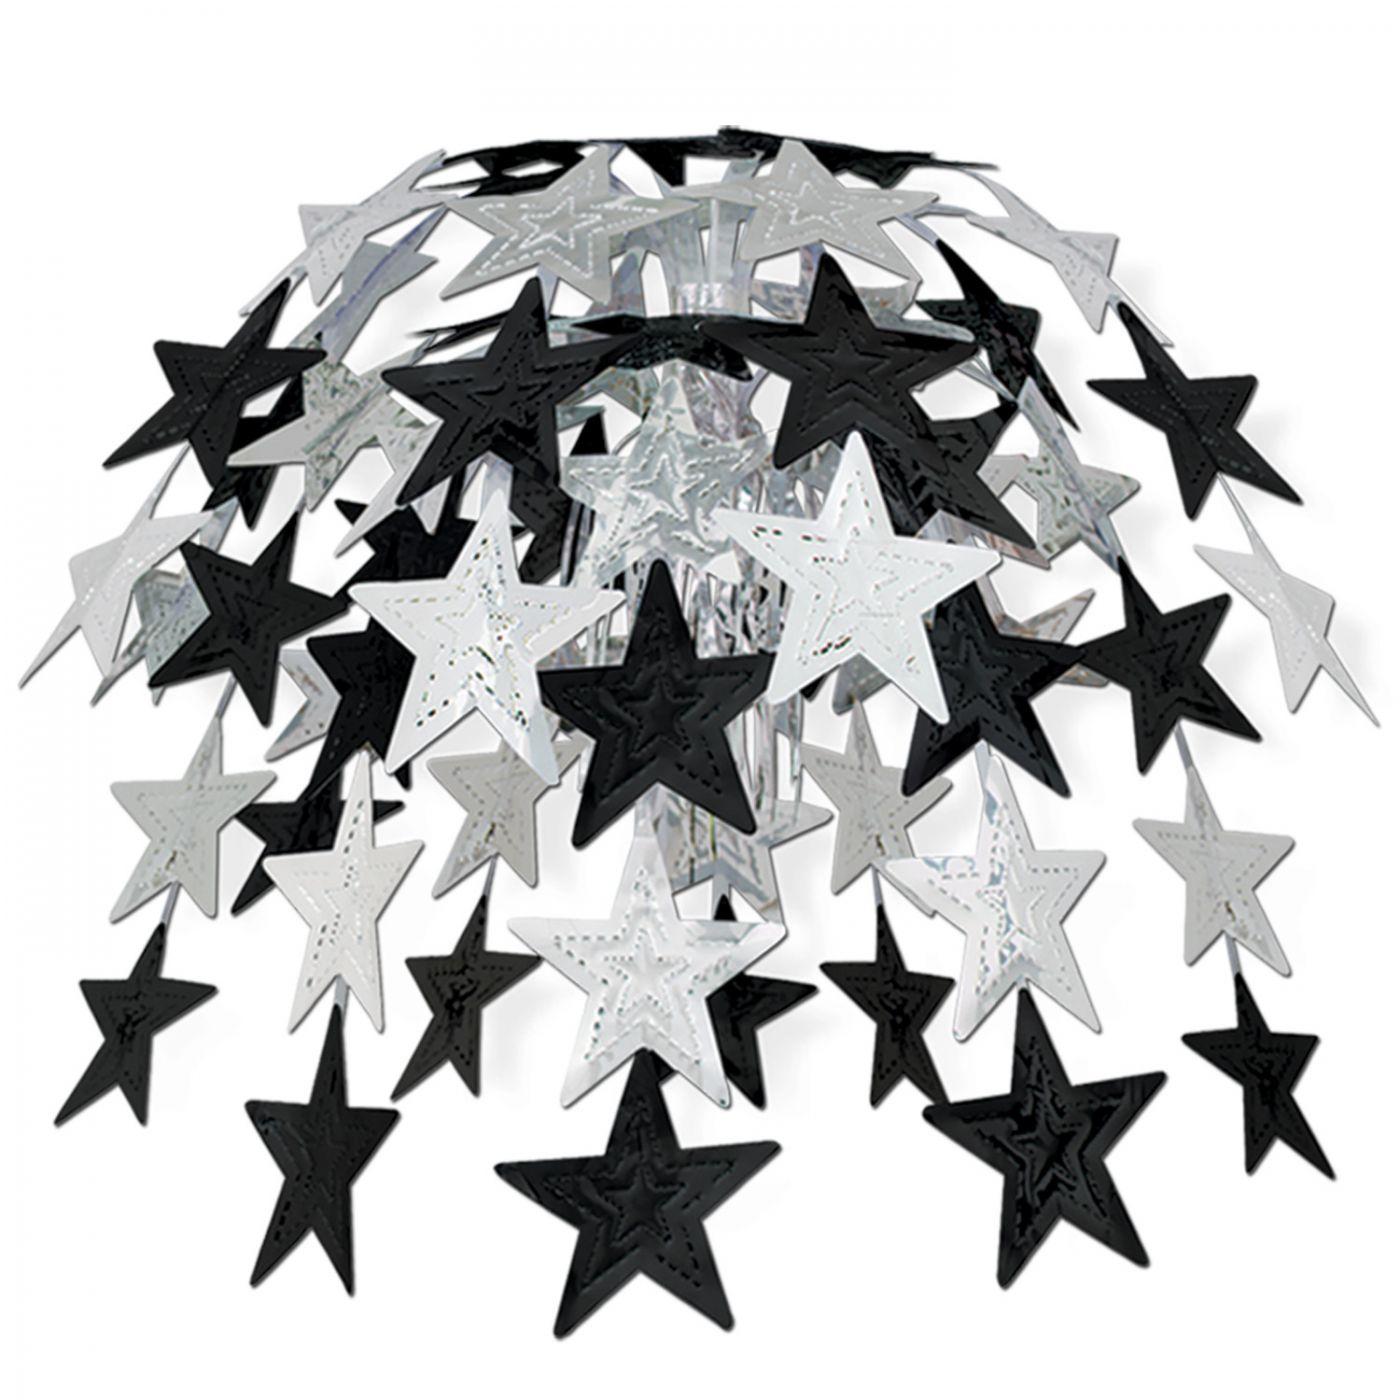 Star Cascade image